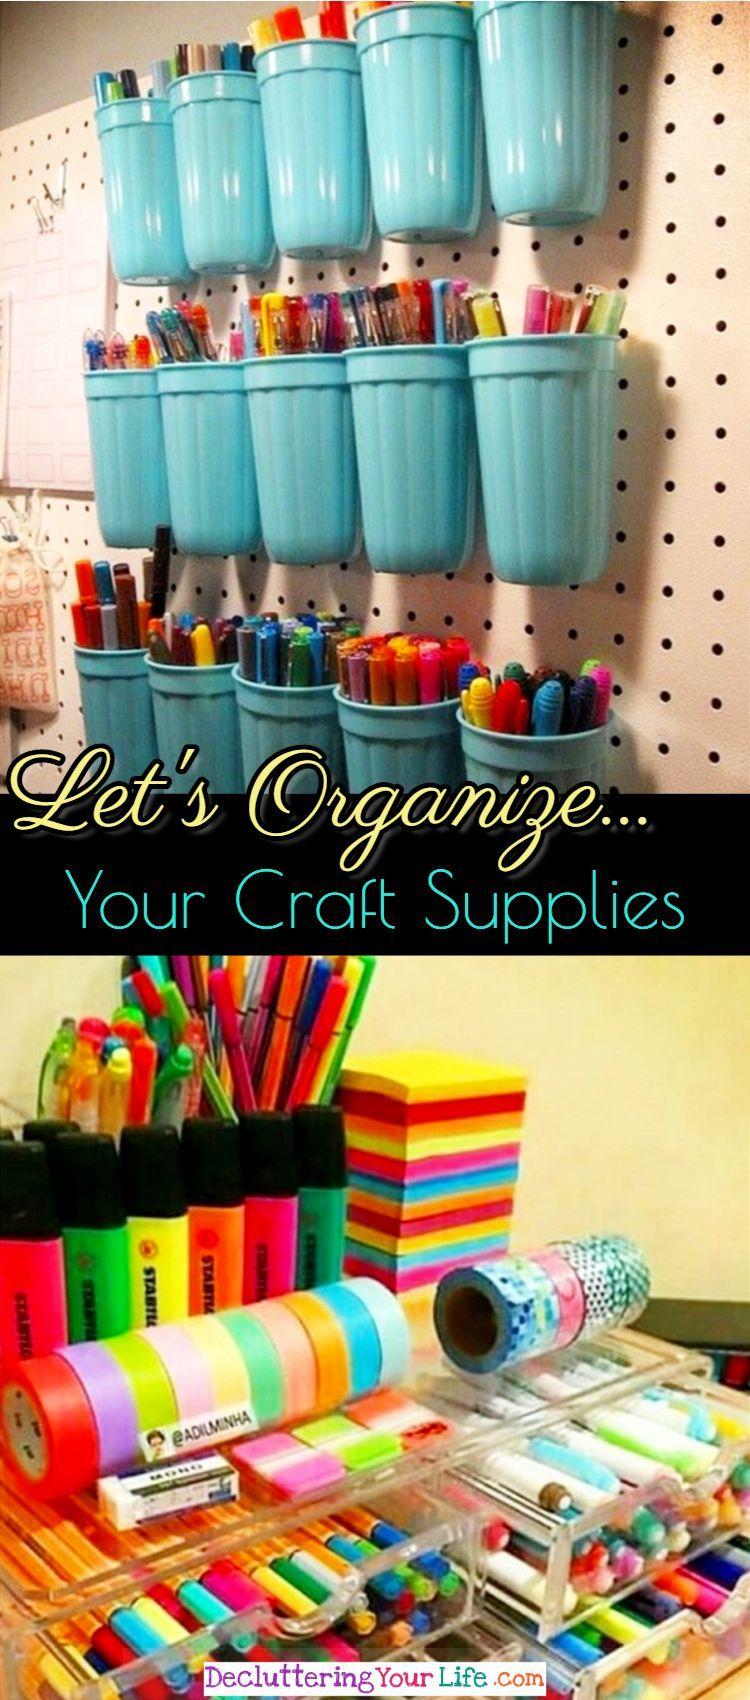 Best Diy Craft Room Organizing Ideas On Pinterest Easy Unique And Unexpected Ideas For Organizing Your Craft Sup Diy Und Handwerken Dekoration Strickmaschen